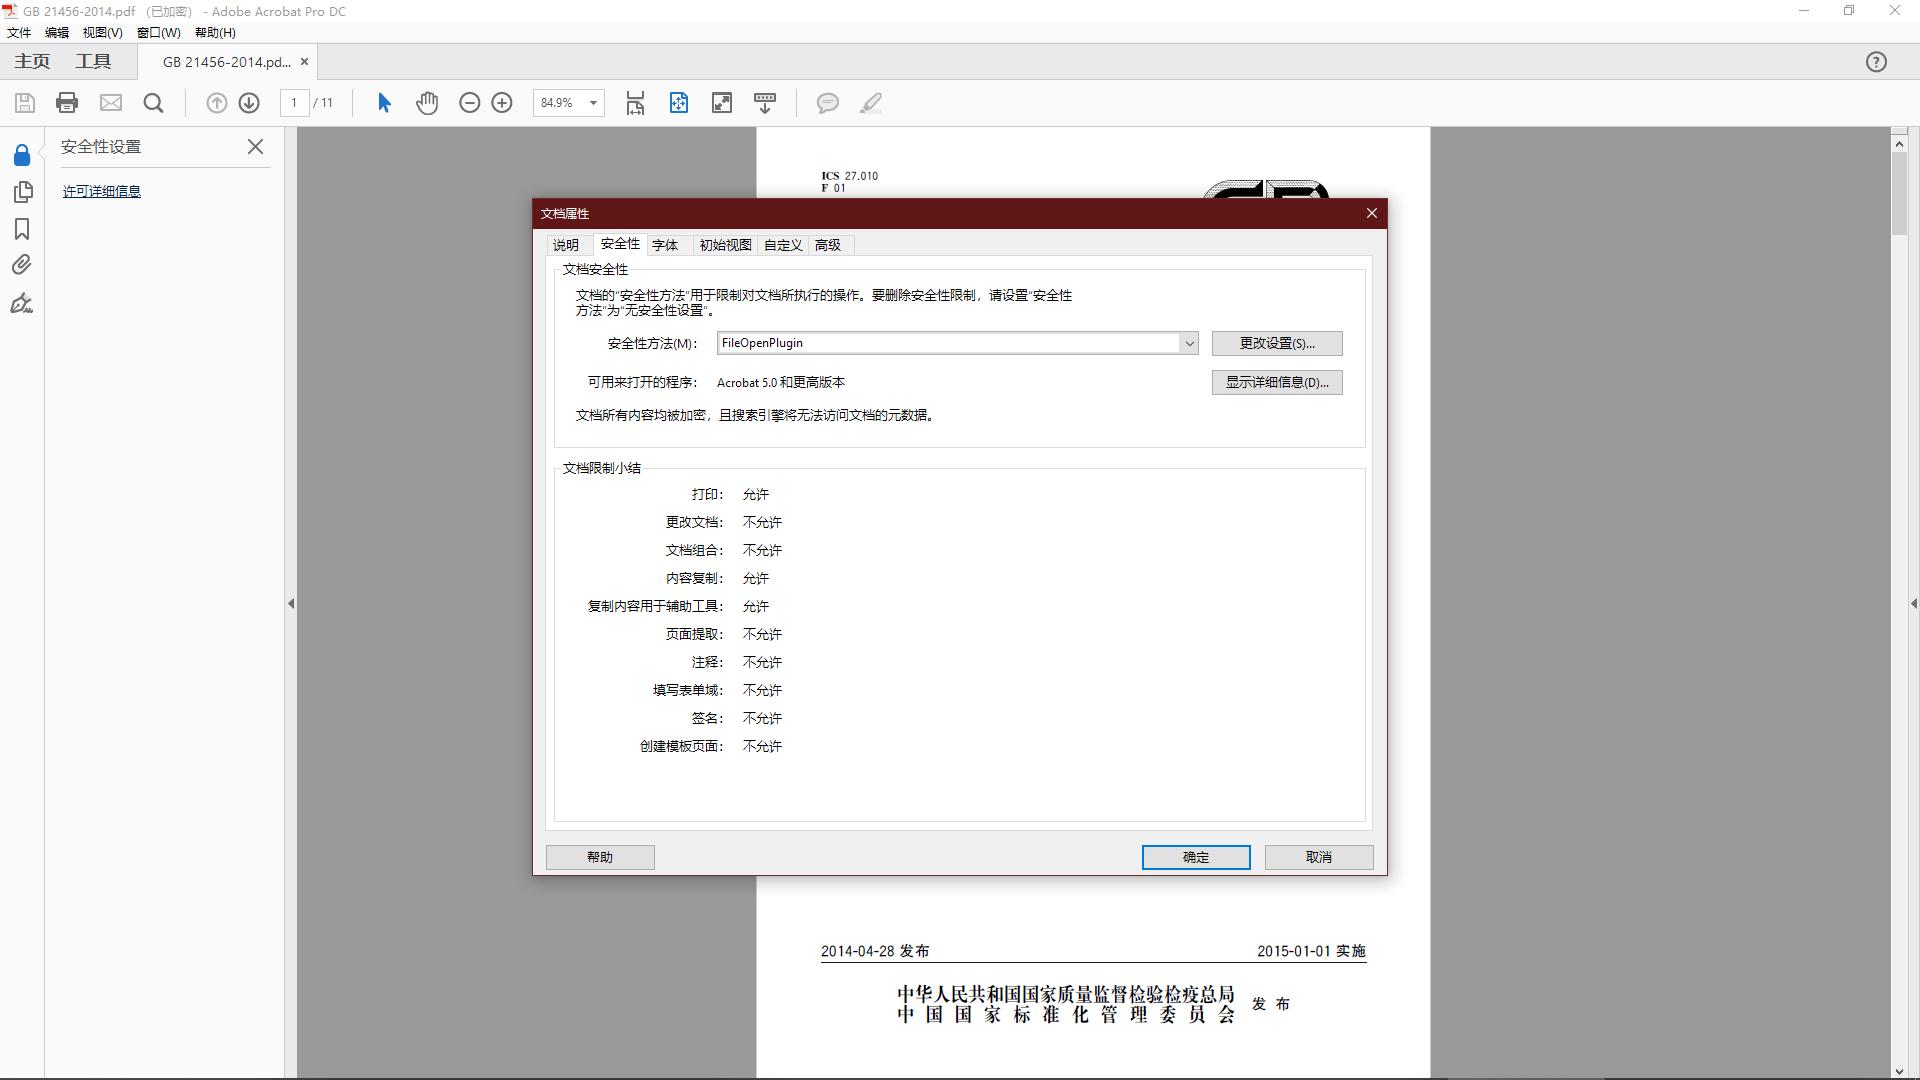 下载得到的加密后的pdf